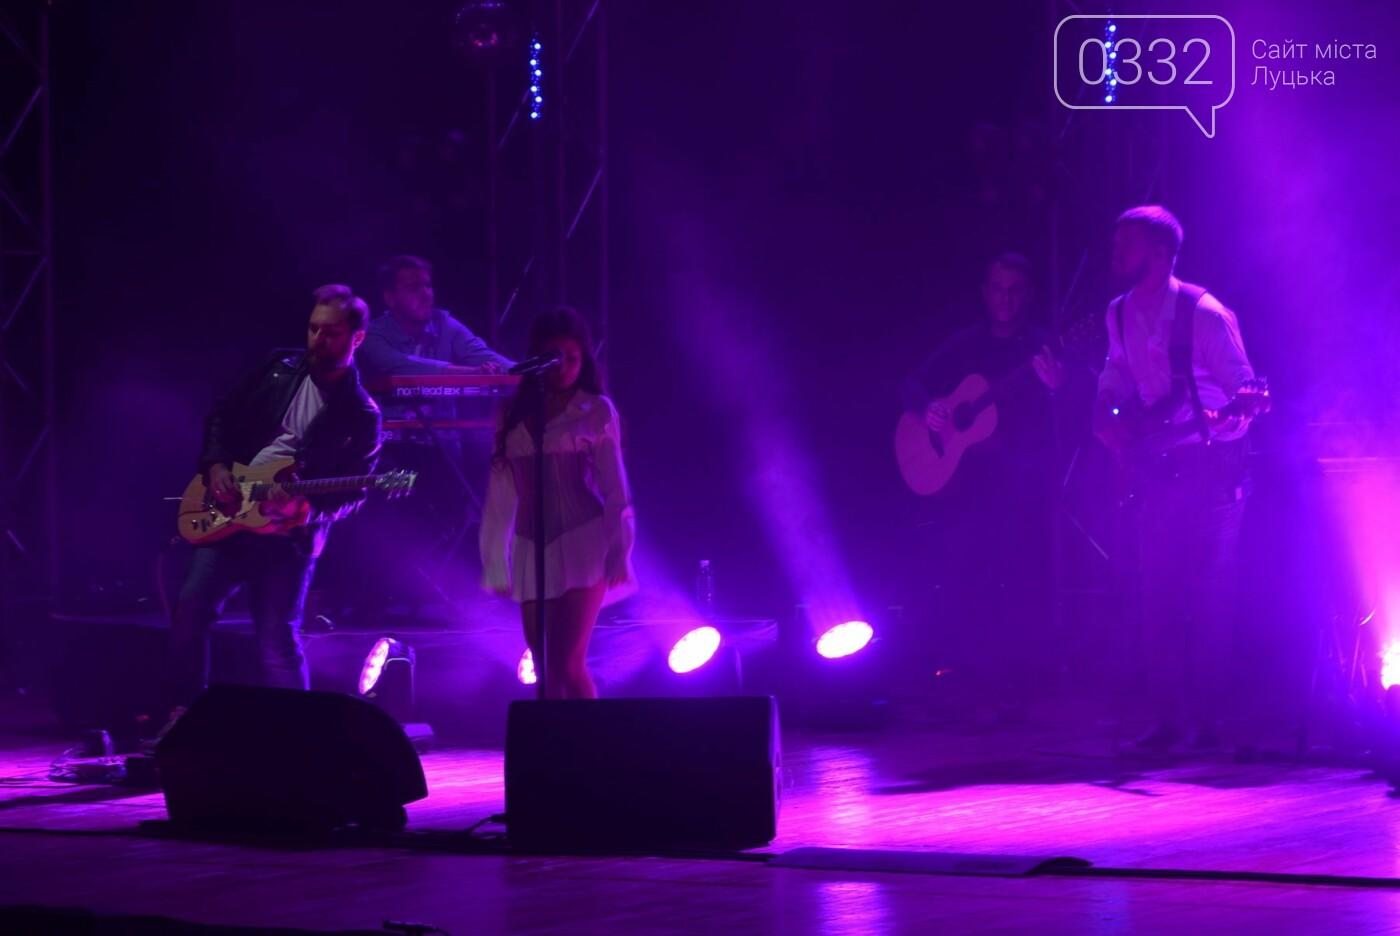 """""""Ось чому я не співаю веселих пісень"""", - Христина Соловій про Луцьк, творчість та історію (ФОТО) , фото-5"""